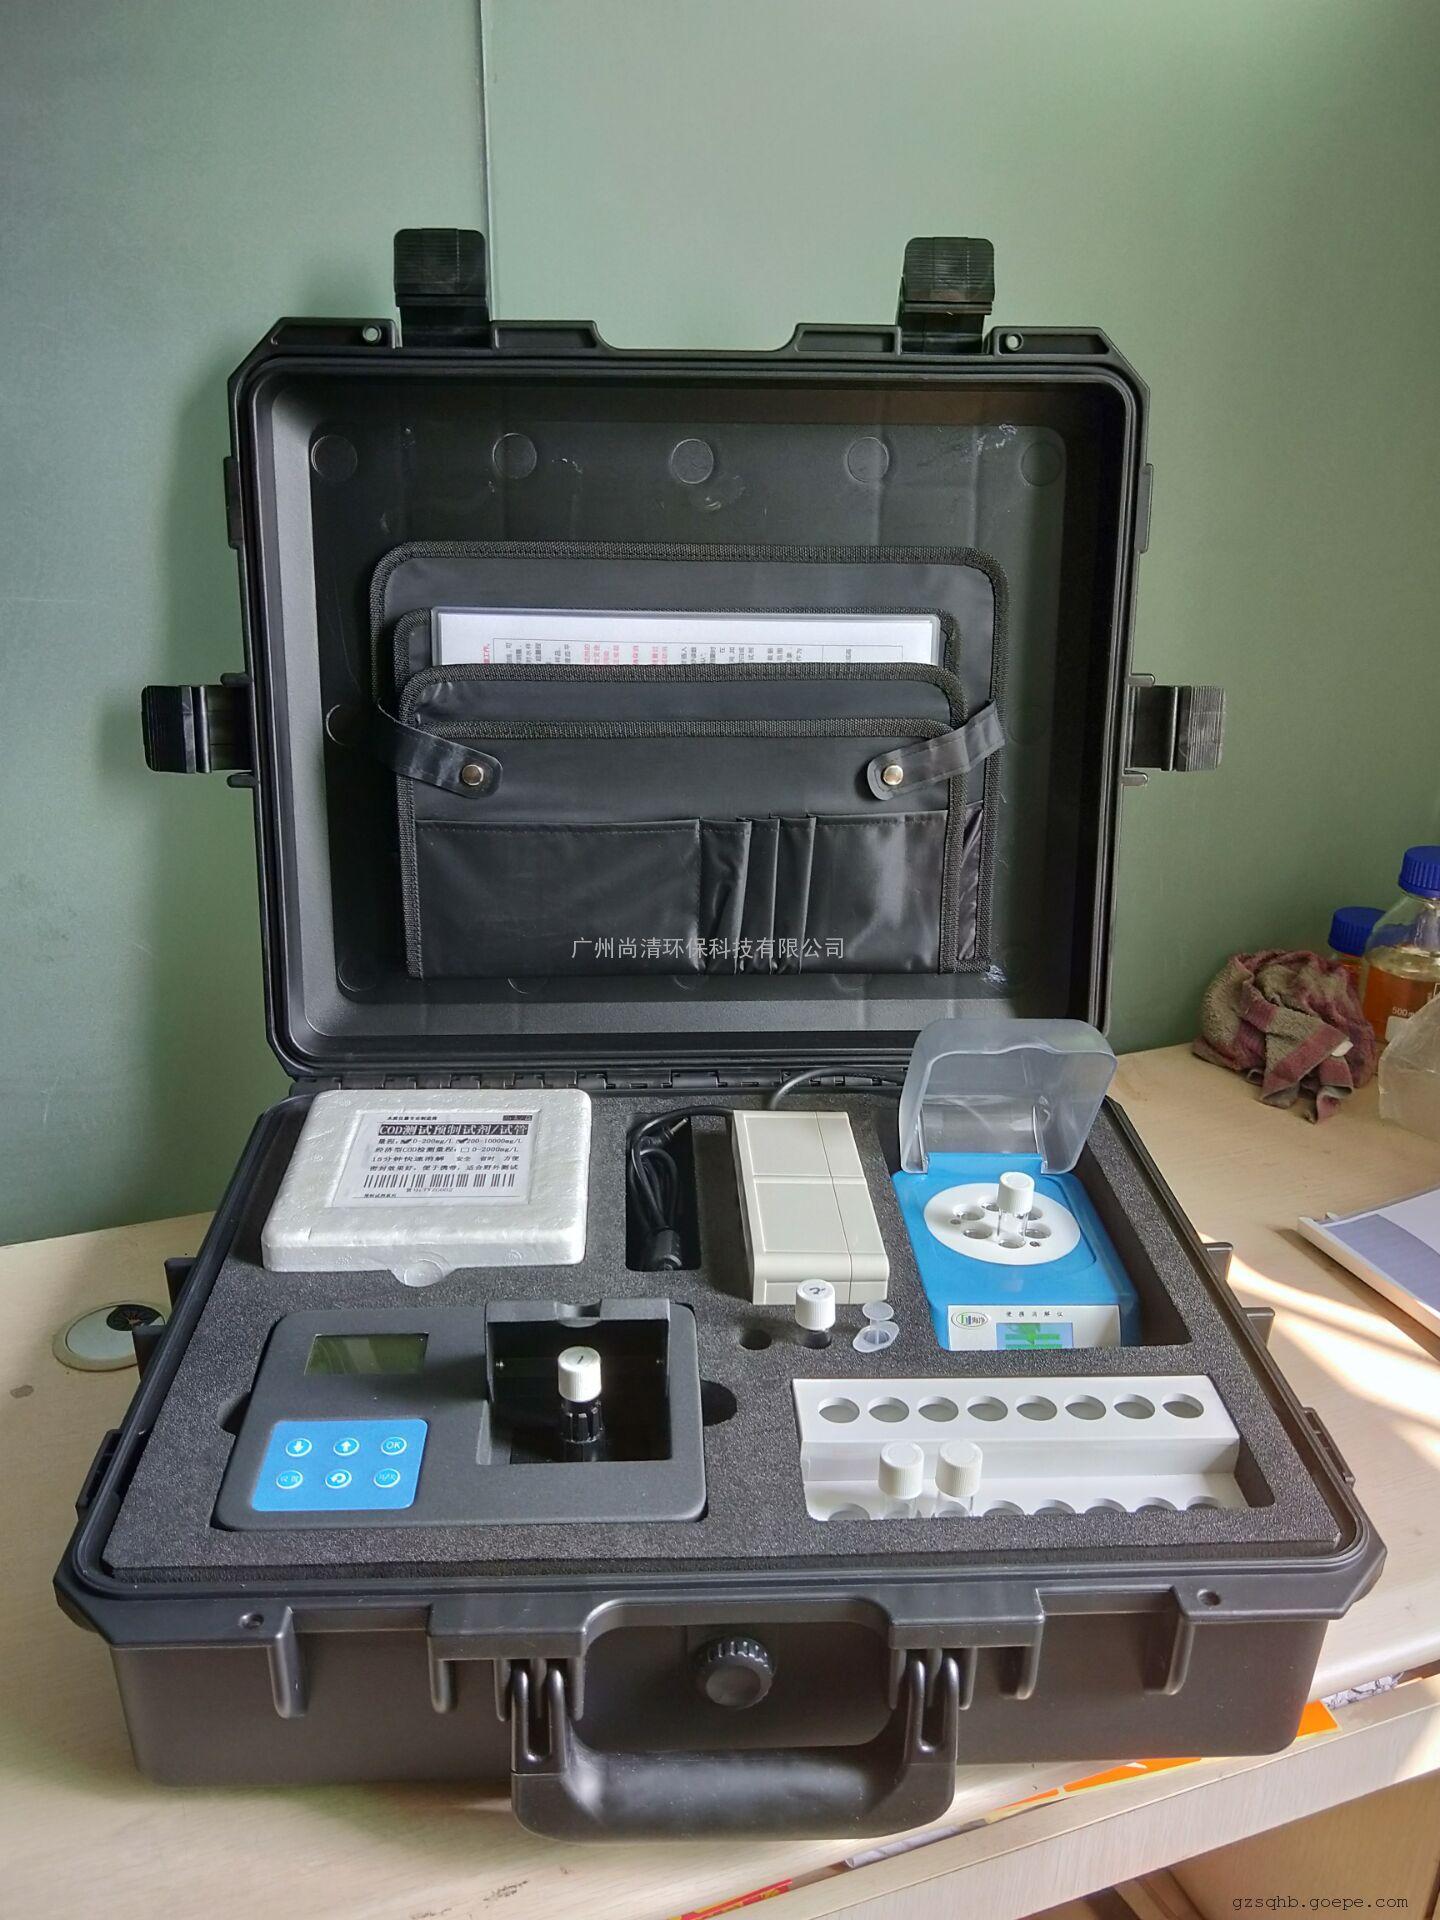 COD测定仪广州尚清环科旗下海净品牌高端野外便携式SQ-Y108B型